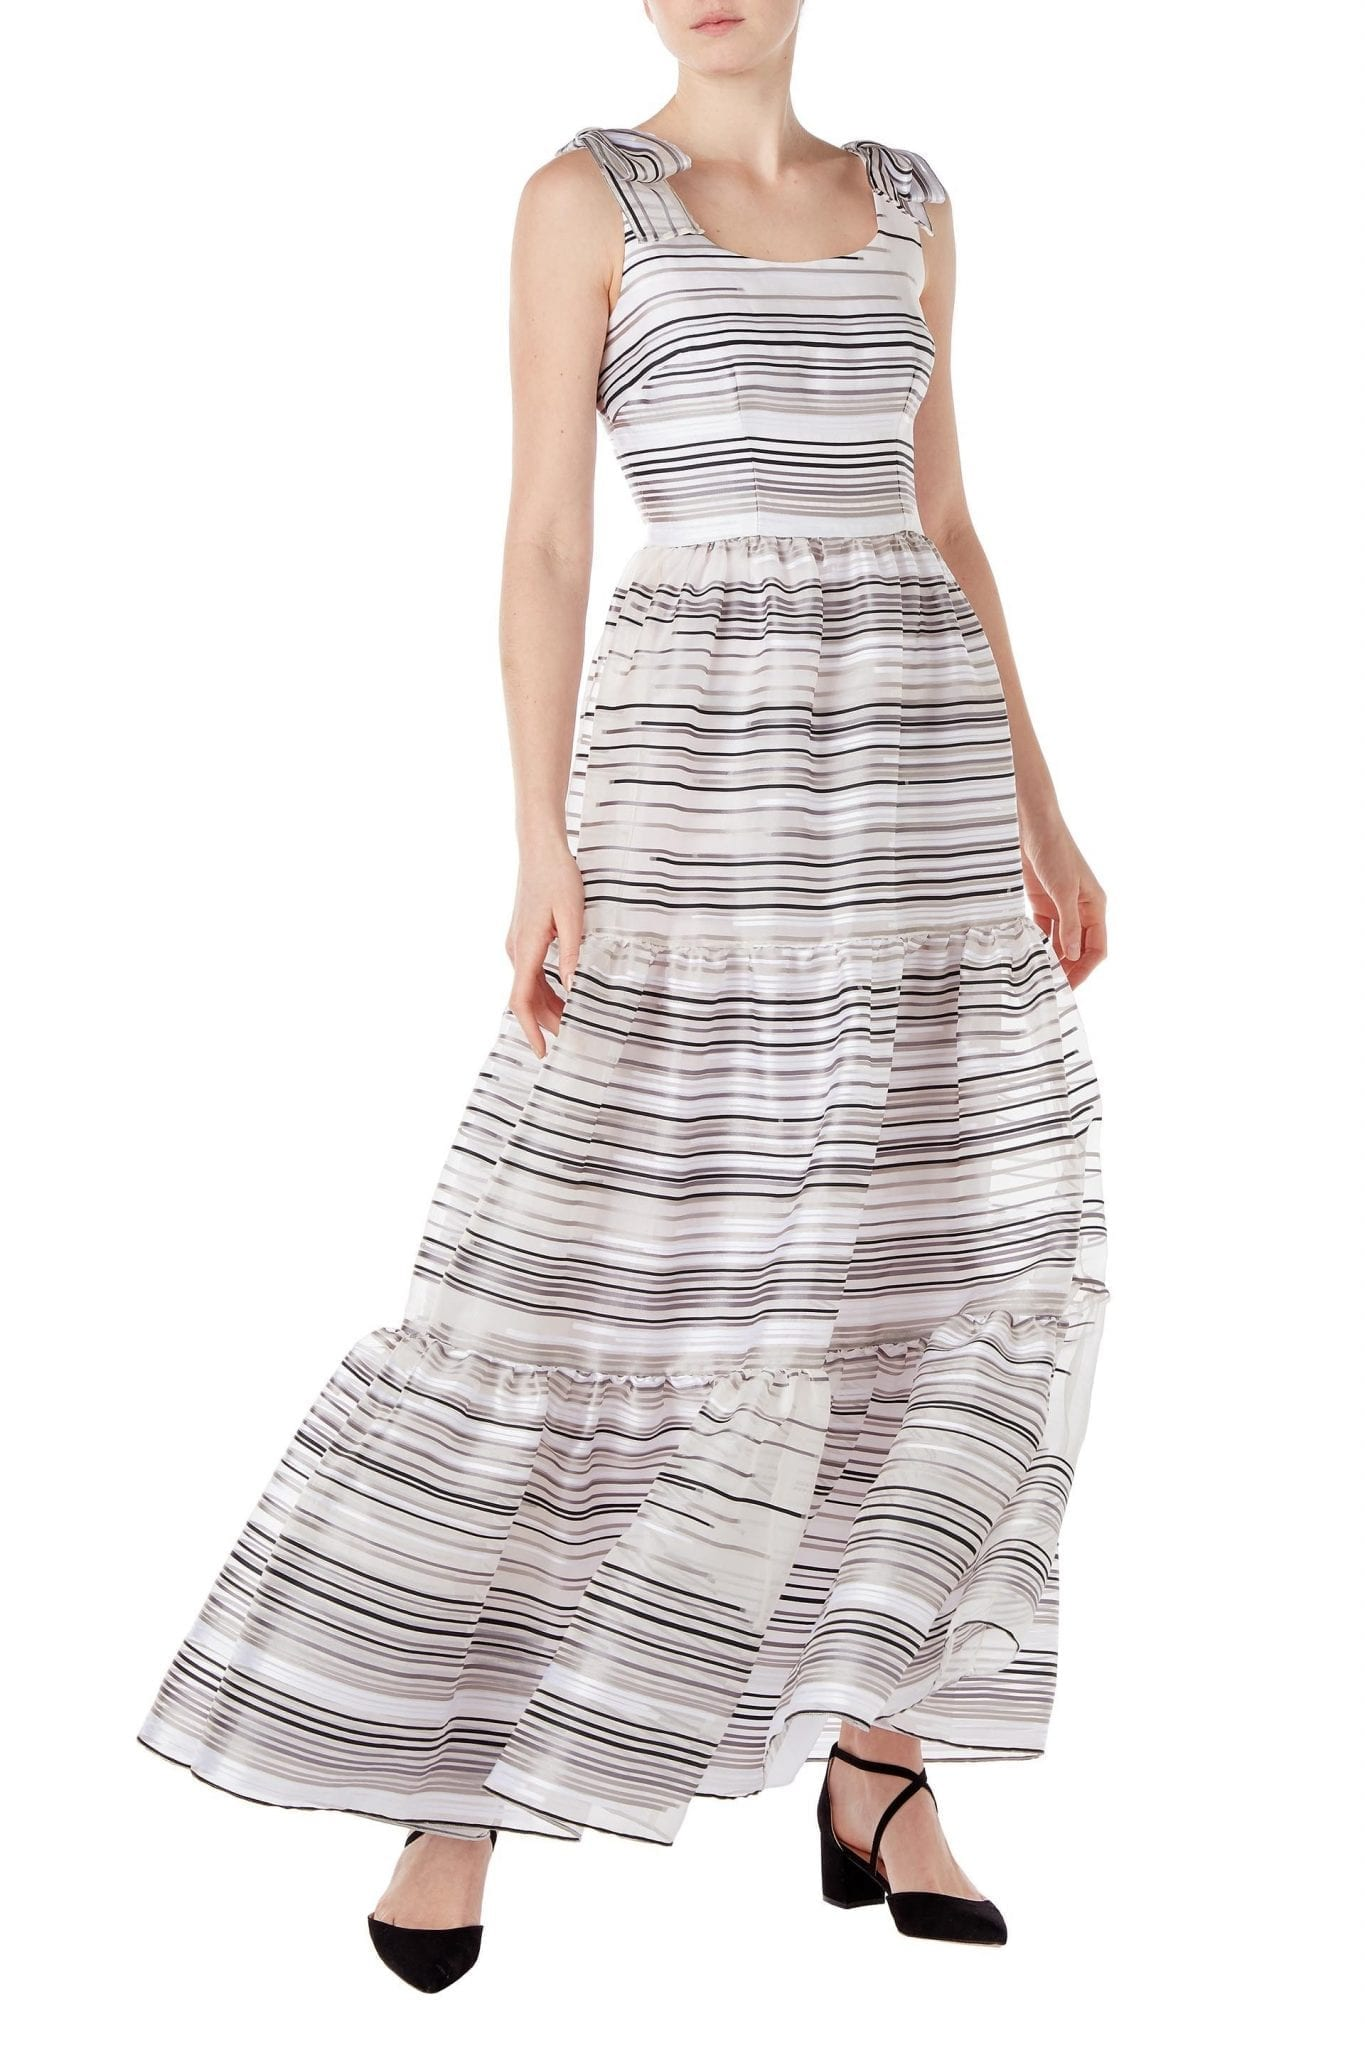 GOAT FASHION Jupiter Organza Stripe Gown